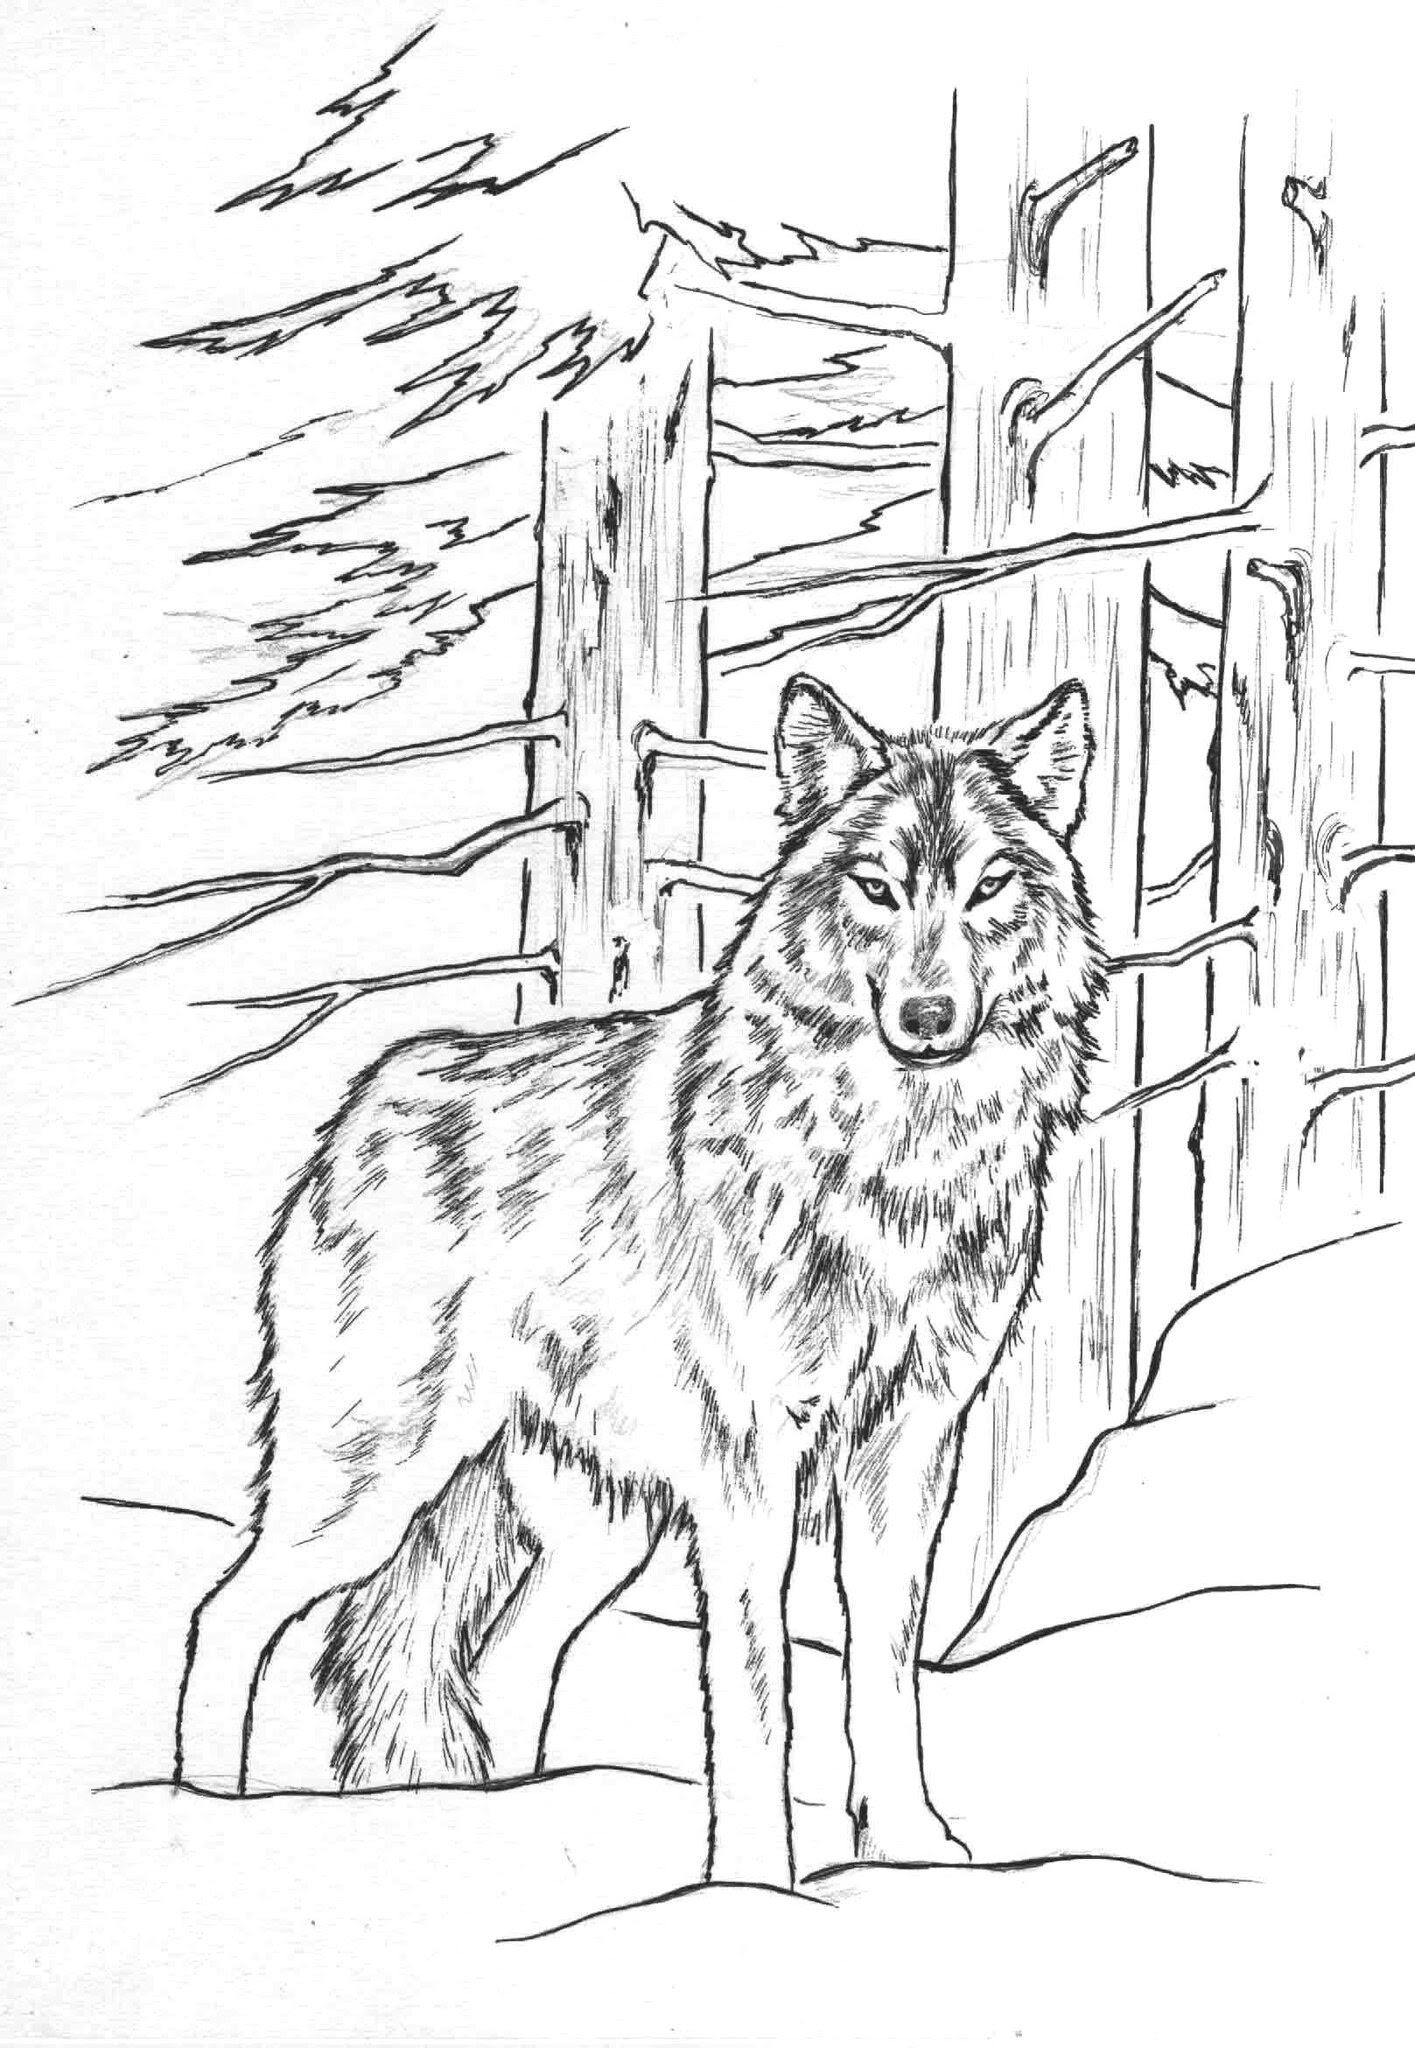 Coloriage Loup 2 Coloriage artistique loup Dessin feutre loup